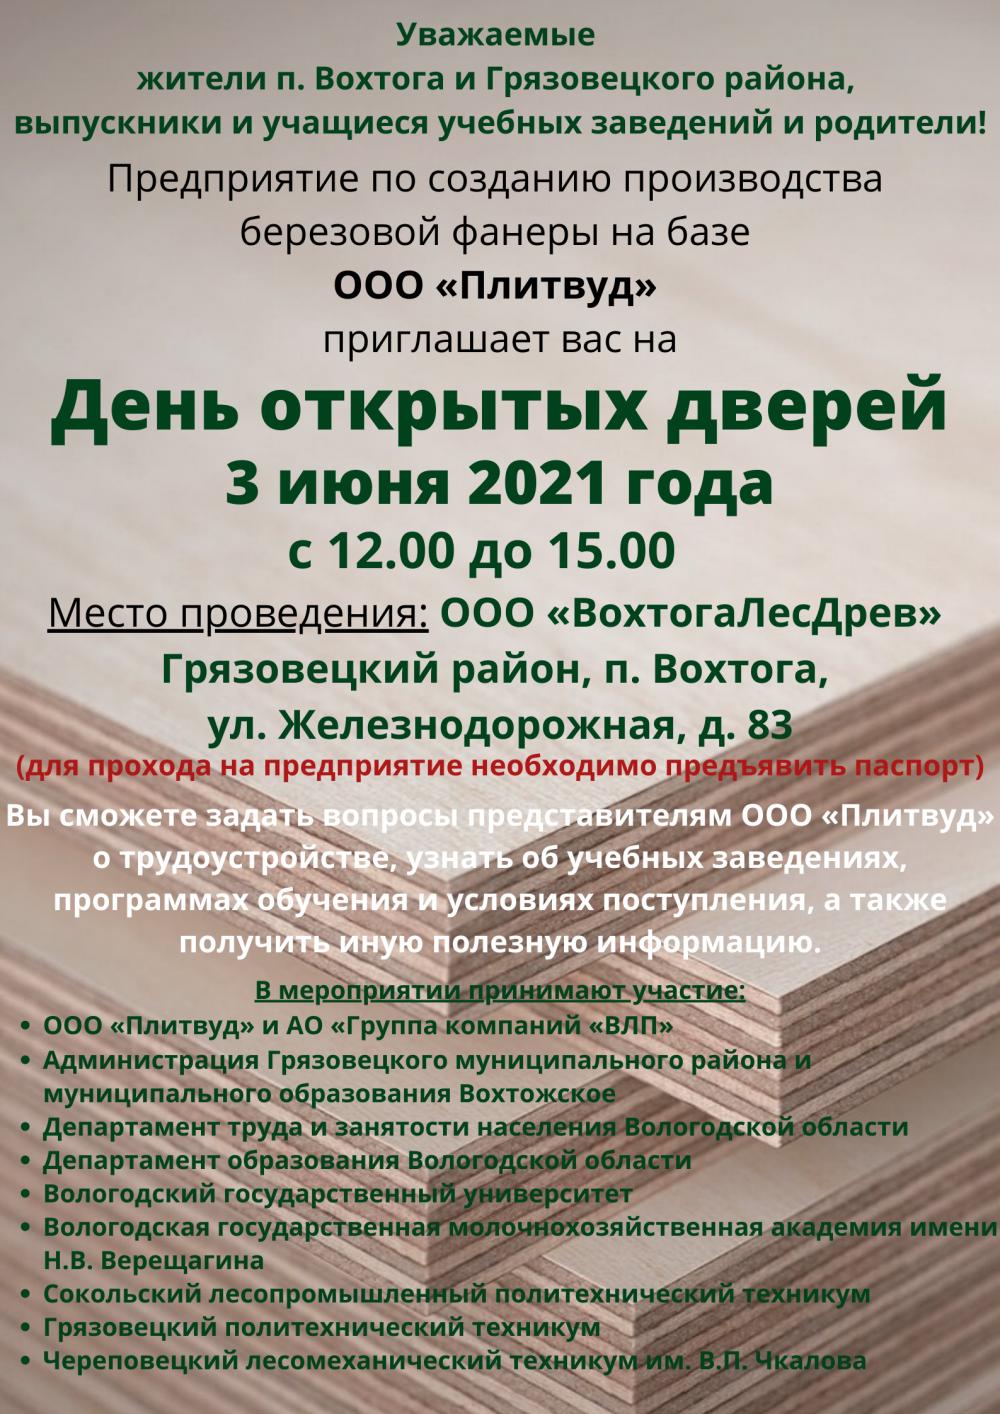 """Объявление День открытых дверей ООО """"Плитвуд"""""""